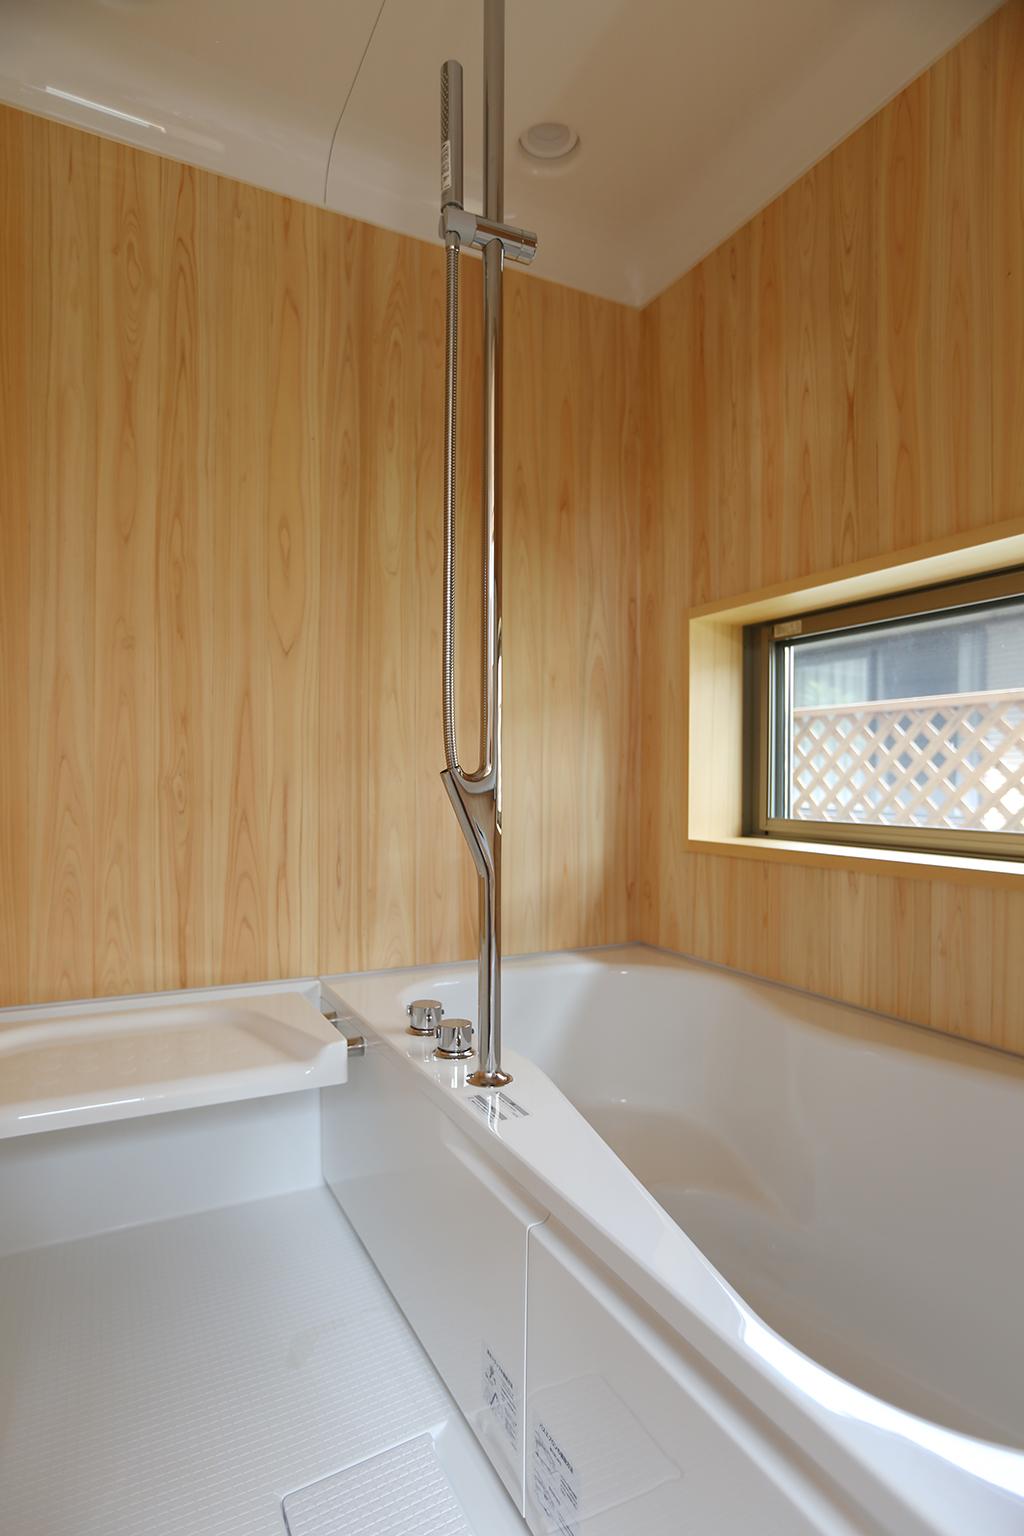 明石市の木の家 木の浴室